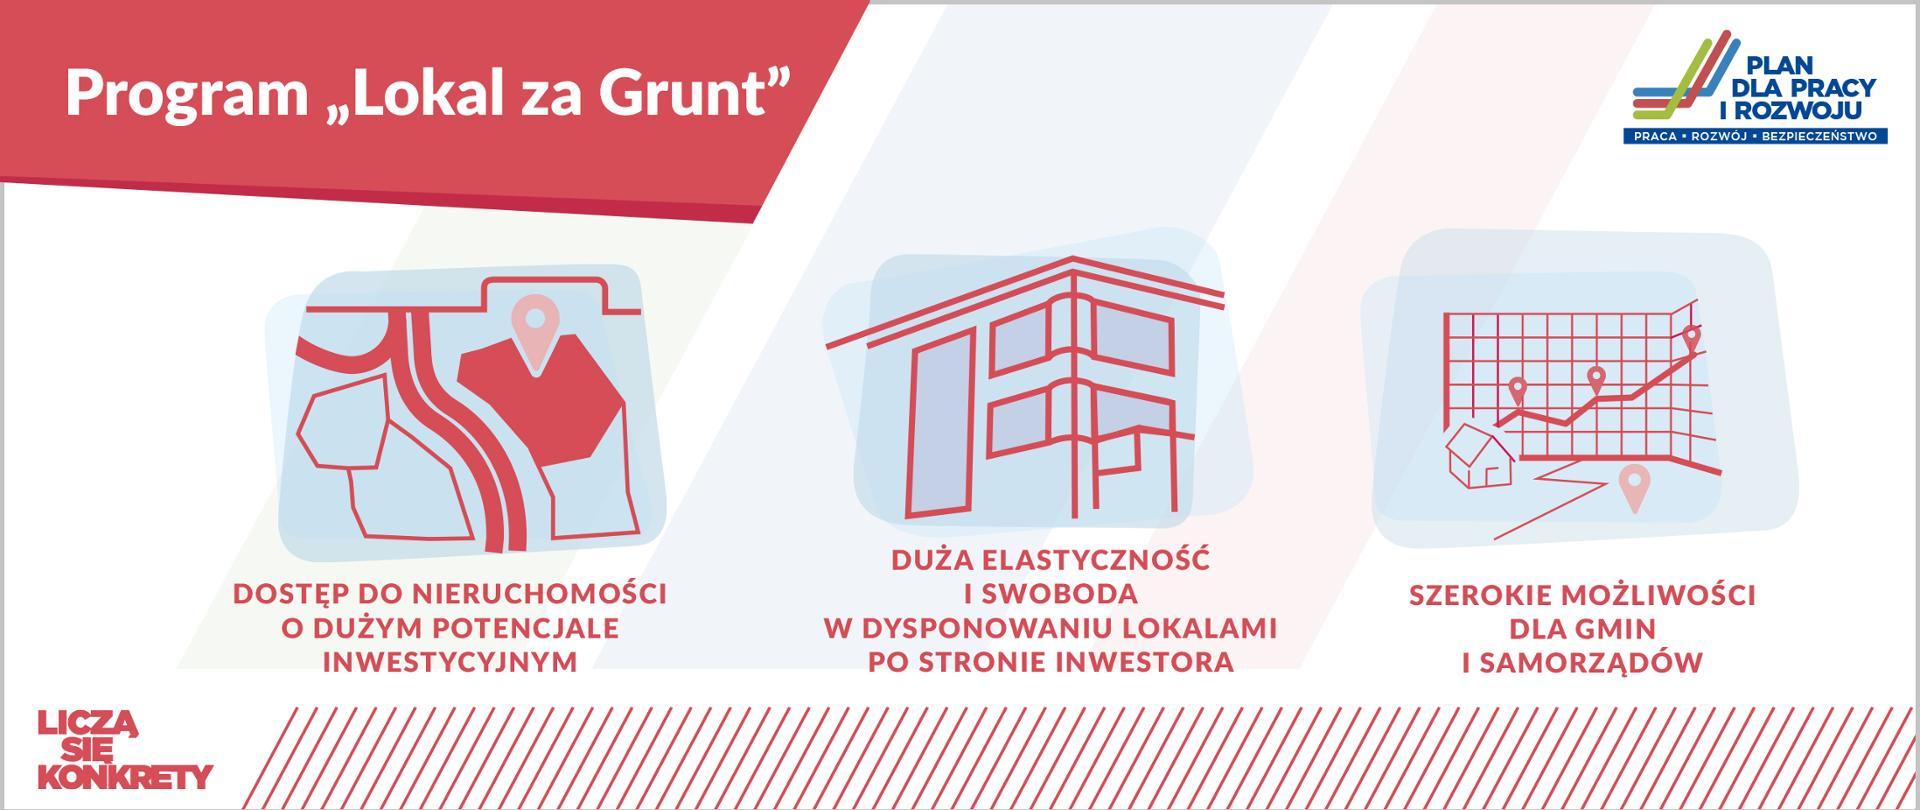 Obrazki z napisami: Dostęp do nieruchomości o dużym potencjale inwestycyjnym, duża elastyczność i swoboda w dysponowaniu lokalami po stronie inwestora, szerokie możliwości dla gmin i samorządów